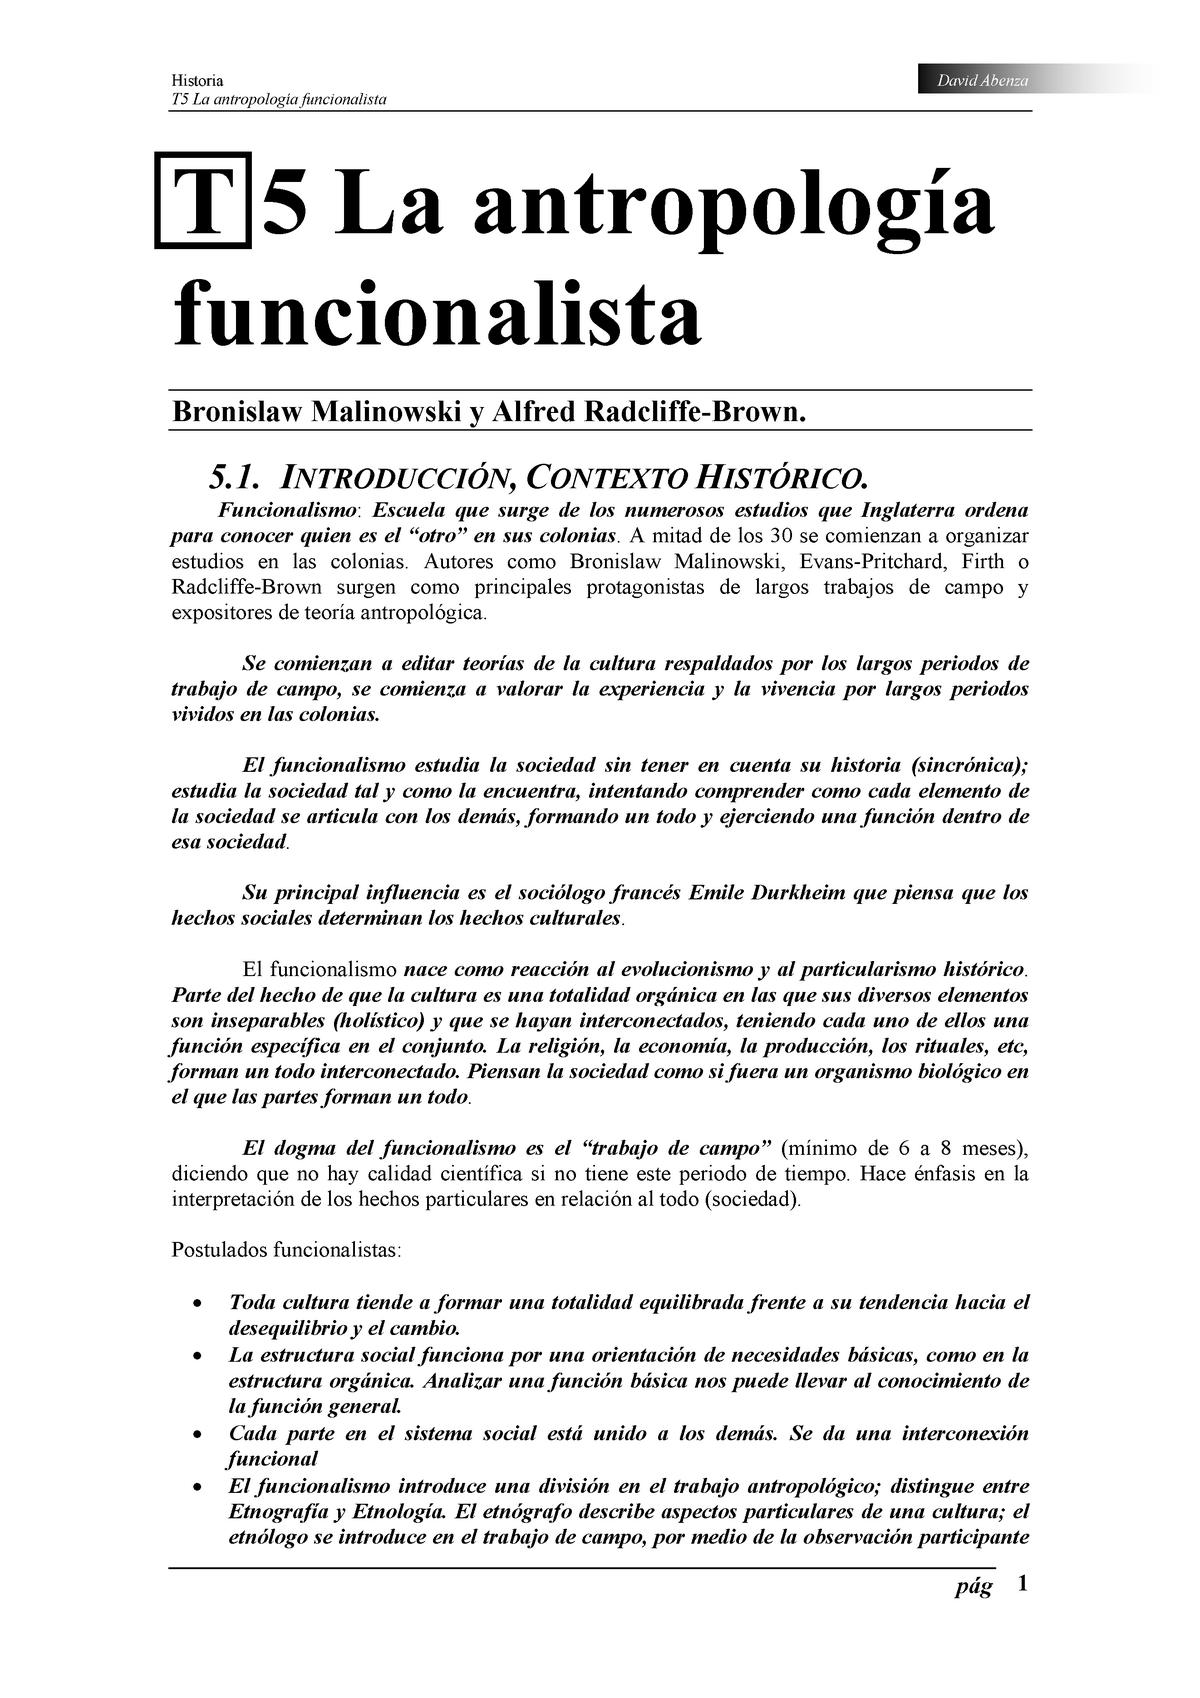 T5 La Antropología Funcionalista 70022026 Uned Studocu